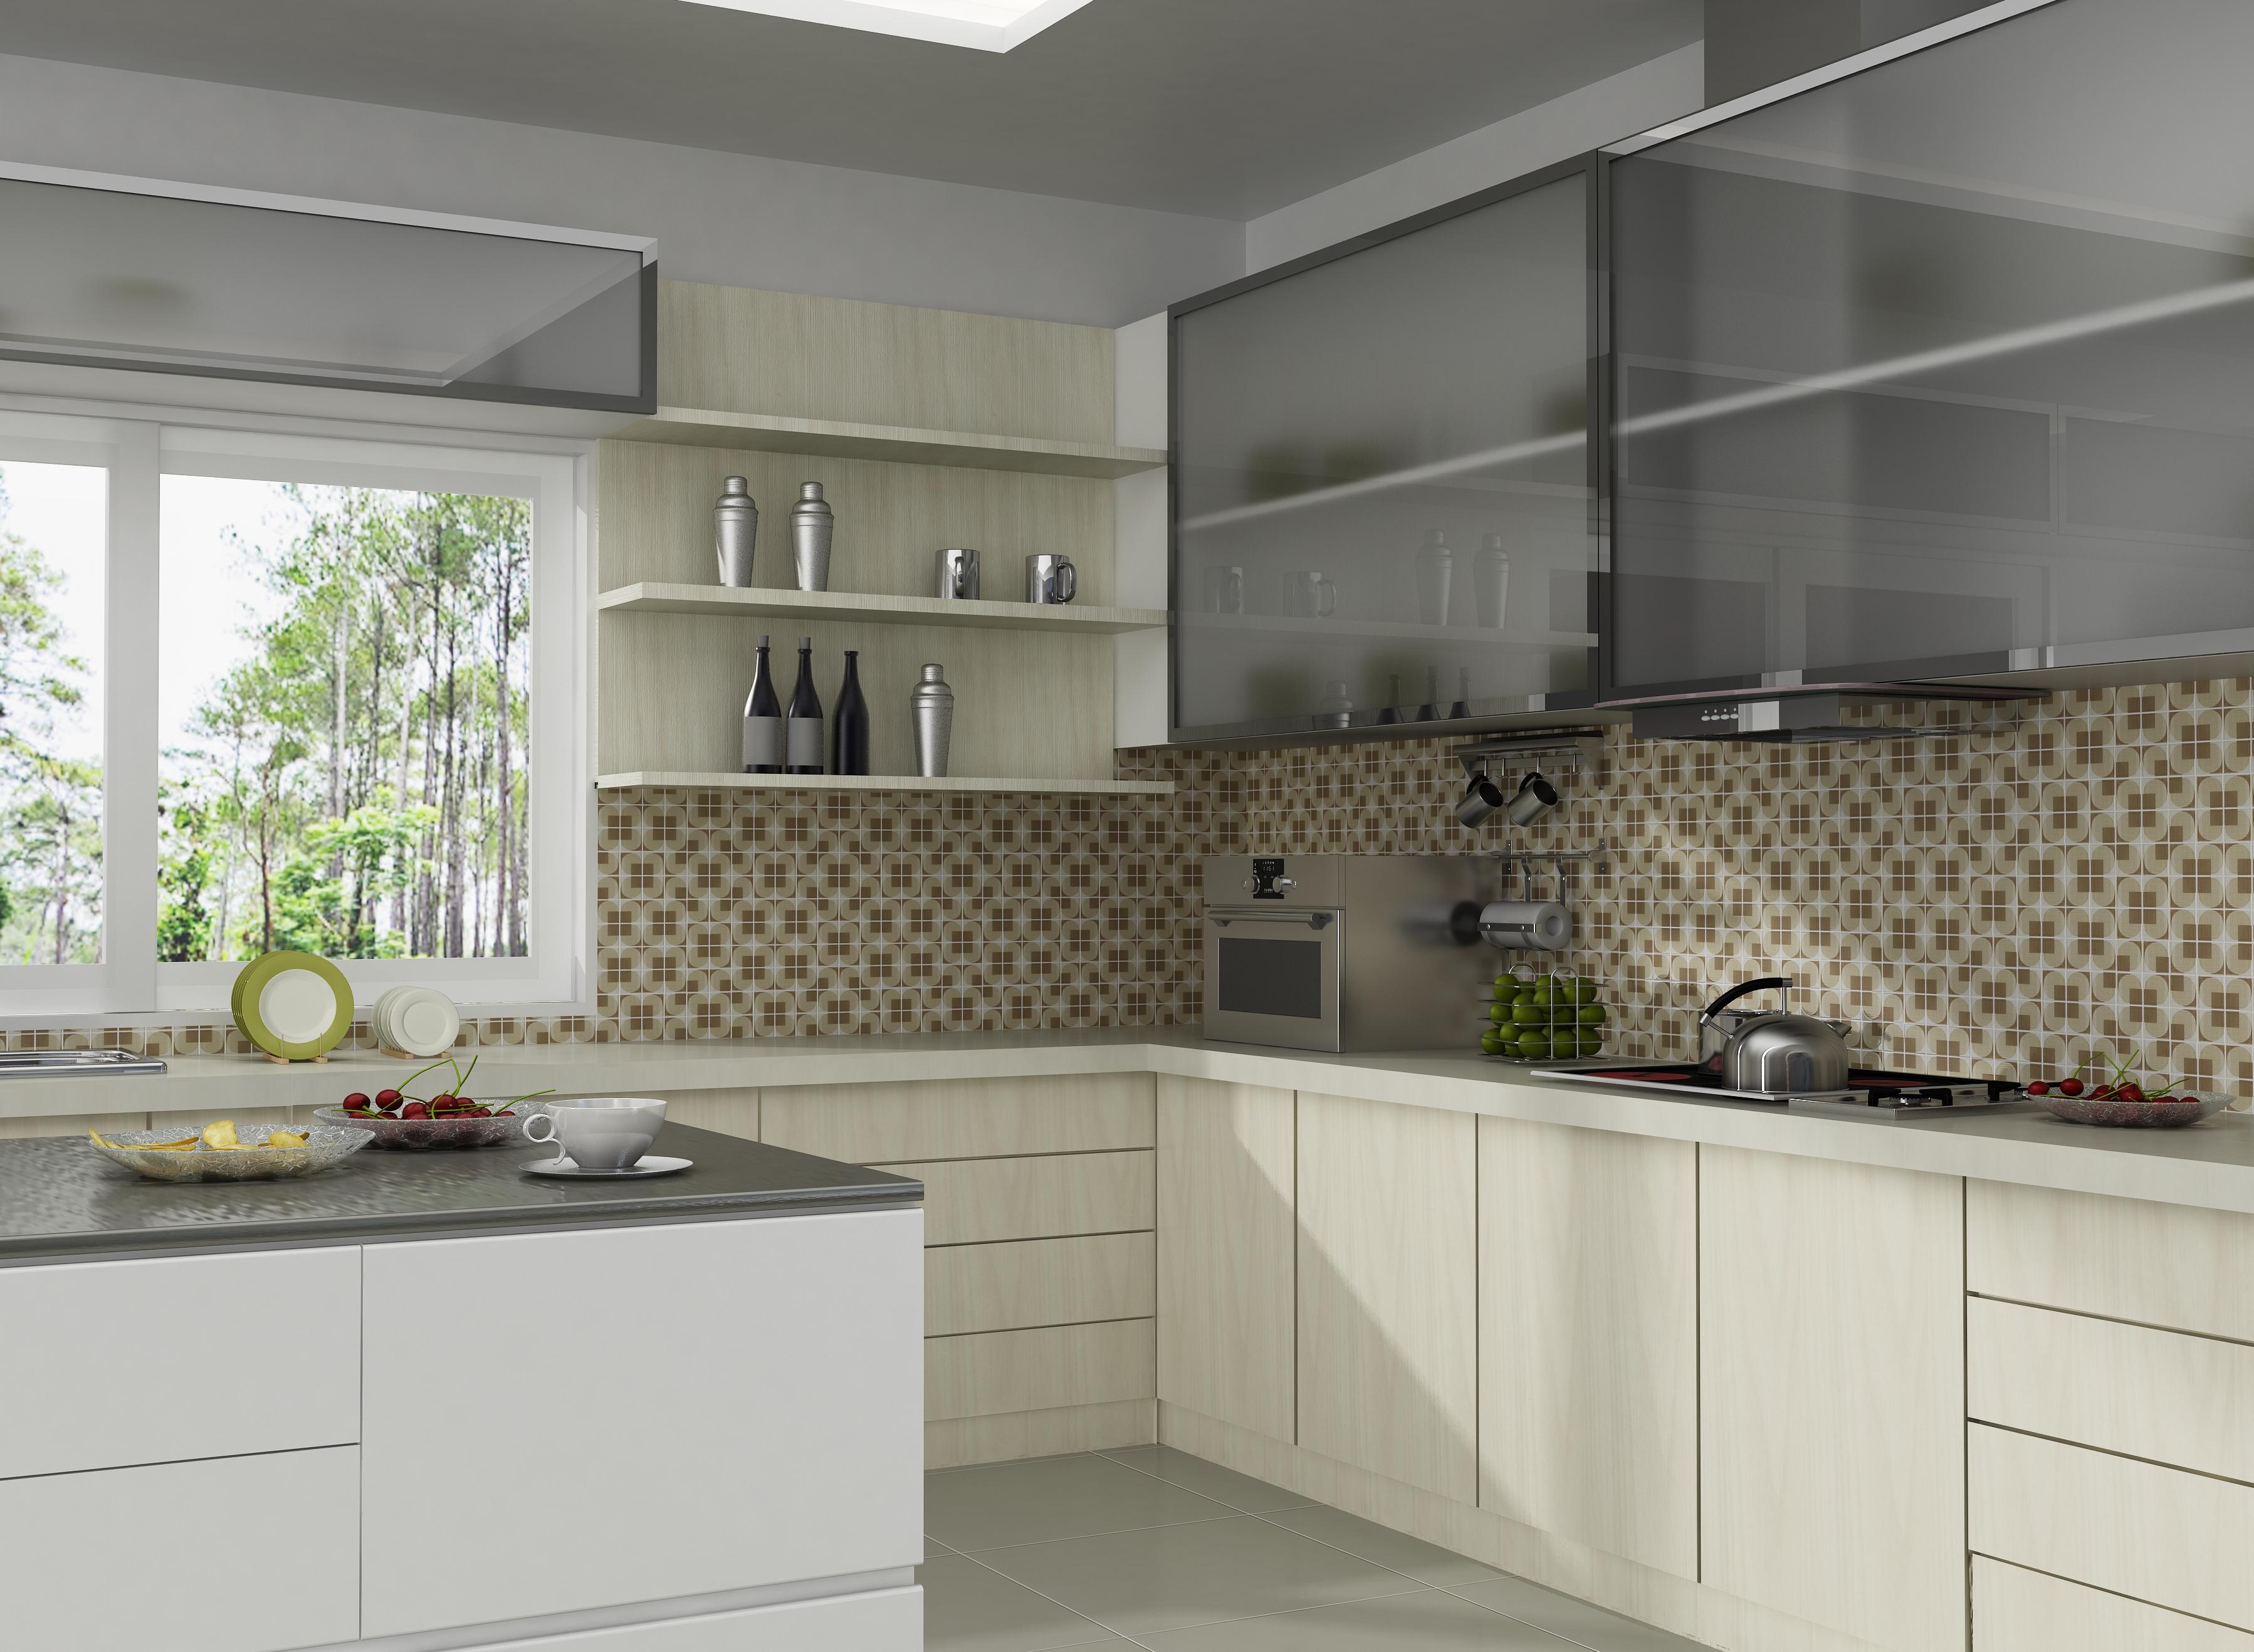 Плитка мозаика для кухни идеальное решение